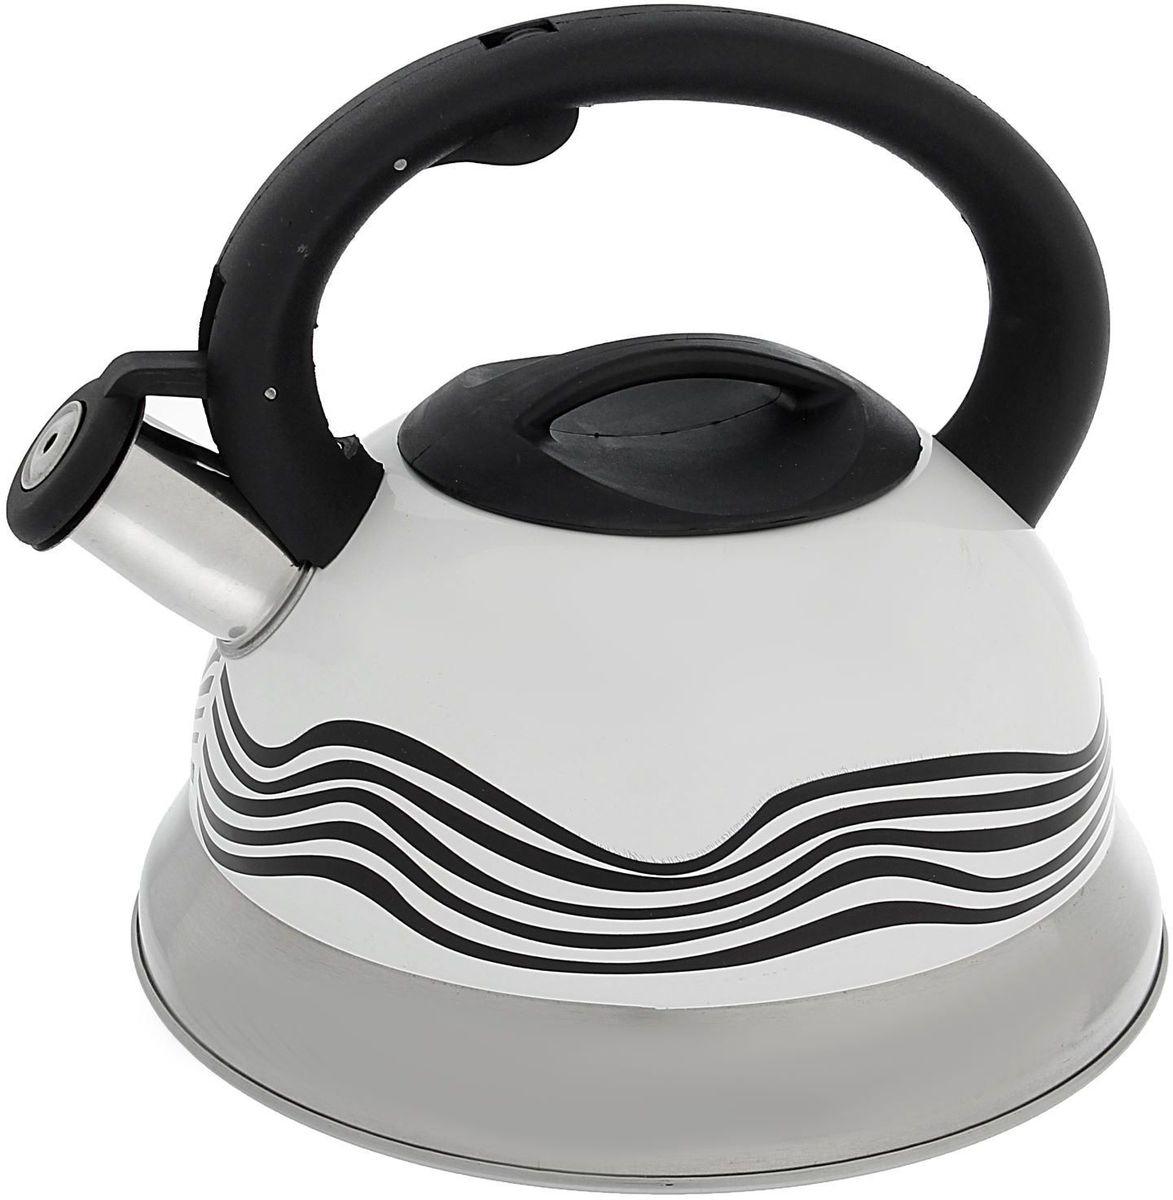 Чайник Доляна Волна, со свистком, с индикатором нагрева, 2,8 л1405207Бытовая посуда из нержавеющей стали славится неприхотливостью в уходе и безукоризненной функциональностью. Коррозиестойкий сплав обеспечивает гигиеничность изделий. Чайники из этого материала абсолютно безопасны для здоровья человека. Чем привлекательна посуда из нержавейки? Чайник из нержавеющей стали станет удачной находкой для дома или ресторана: благодаря низкой теплопроводности модели вода дольше остается горячей; необычный дизайн радует глаз и поднимает настроение; качественное дно гарантирует быстрый нагрев. Как продлить срок службы? Ухаживать за новым приобретением элементарно просто, но стоит помнить о нескольких нехитрых правилах. Во-первых, не следует применять абразивные инструменты и сильнохлорированные моющие средства. Во-вторых, не оставляйте пустую посуду на плите. В-третьих, если вы уезжаете из дома на длительное время - выливайте воду из чайника. Если на внутренней поверхности изделия появились пятна, используйте для их удаления несколько капель уксусной или лимонной...